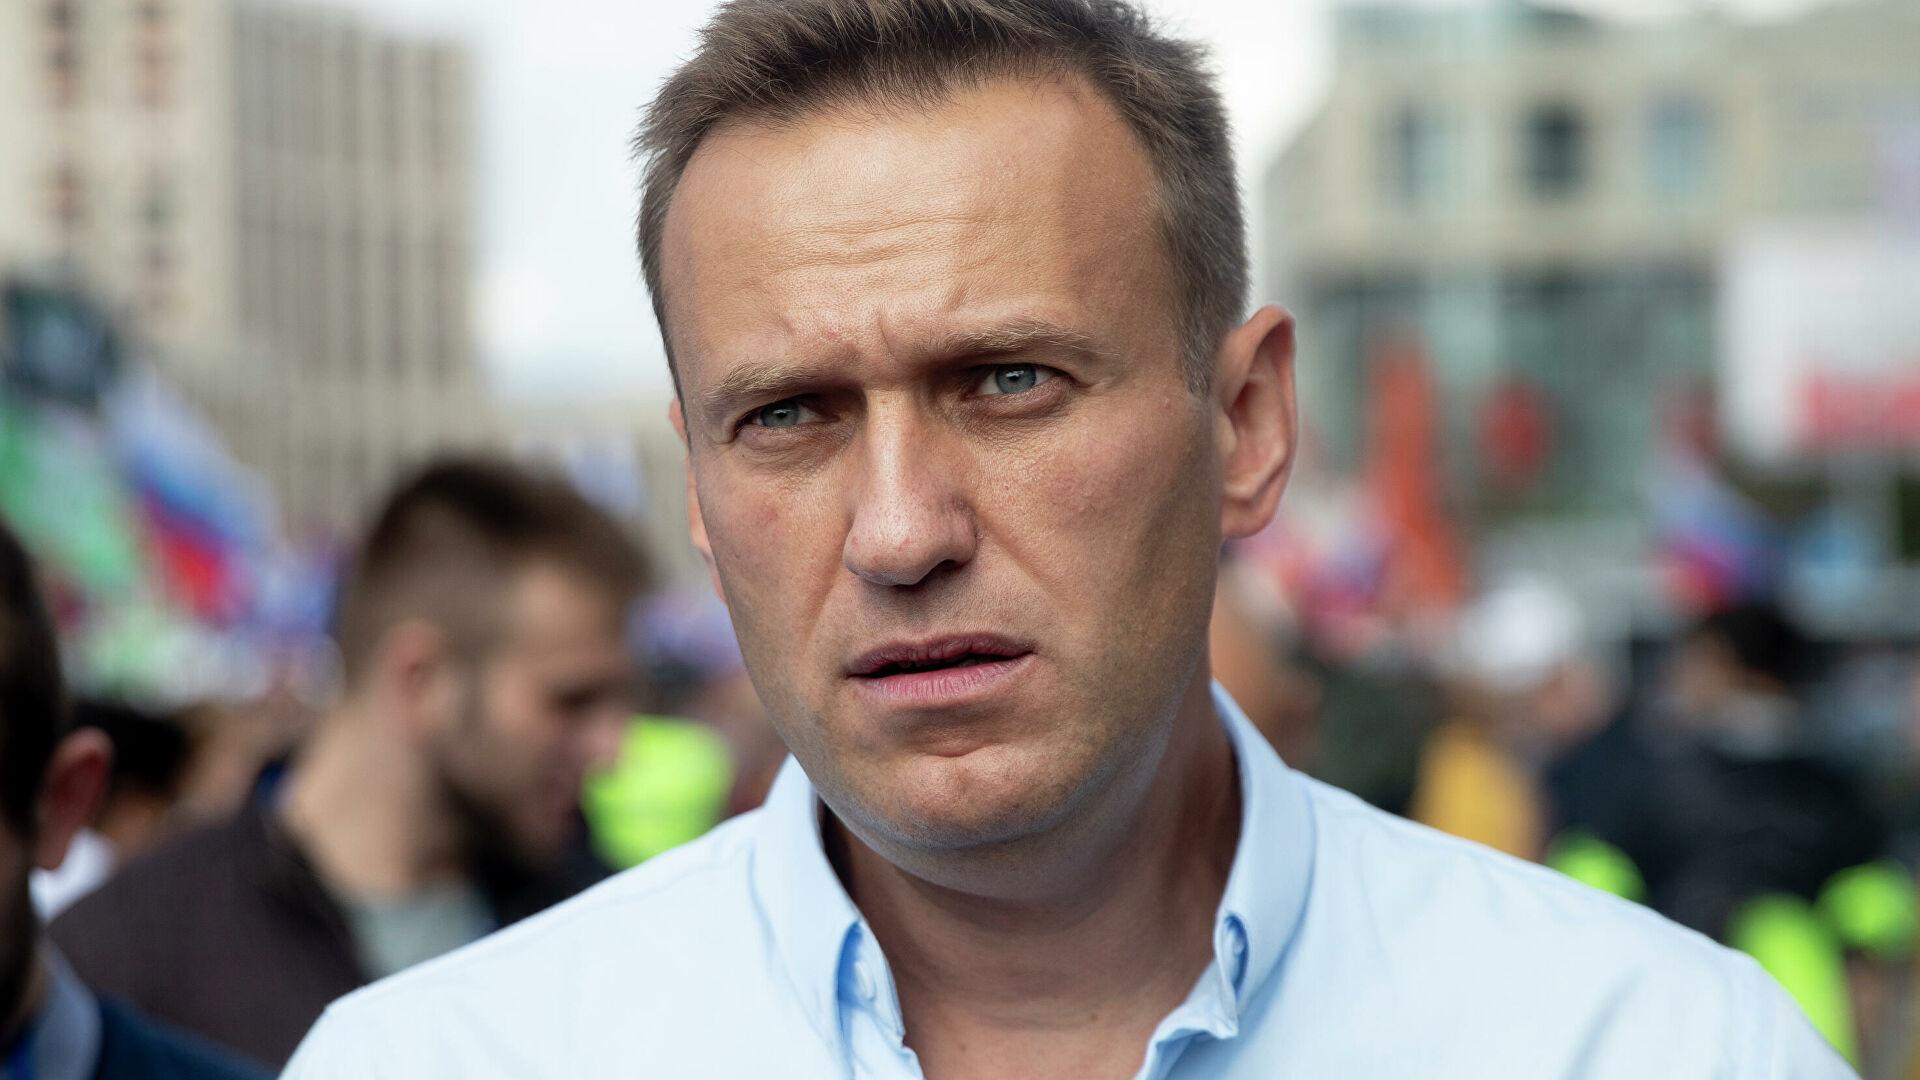 США готовят новые санкции против РФ из-за отравления Навального